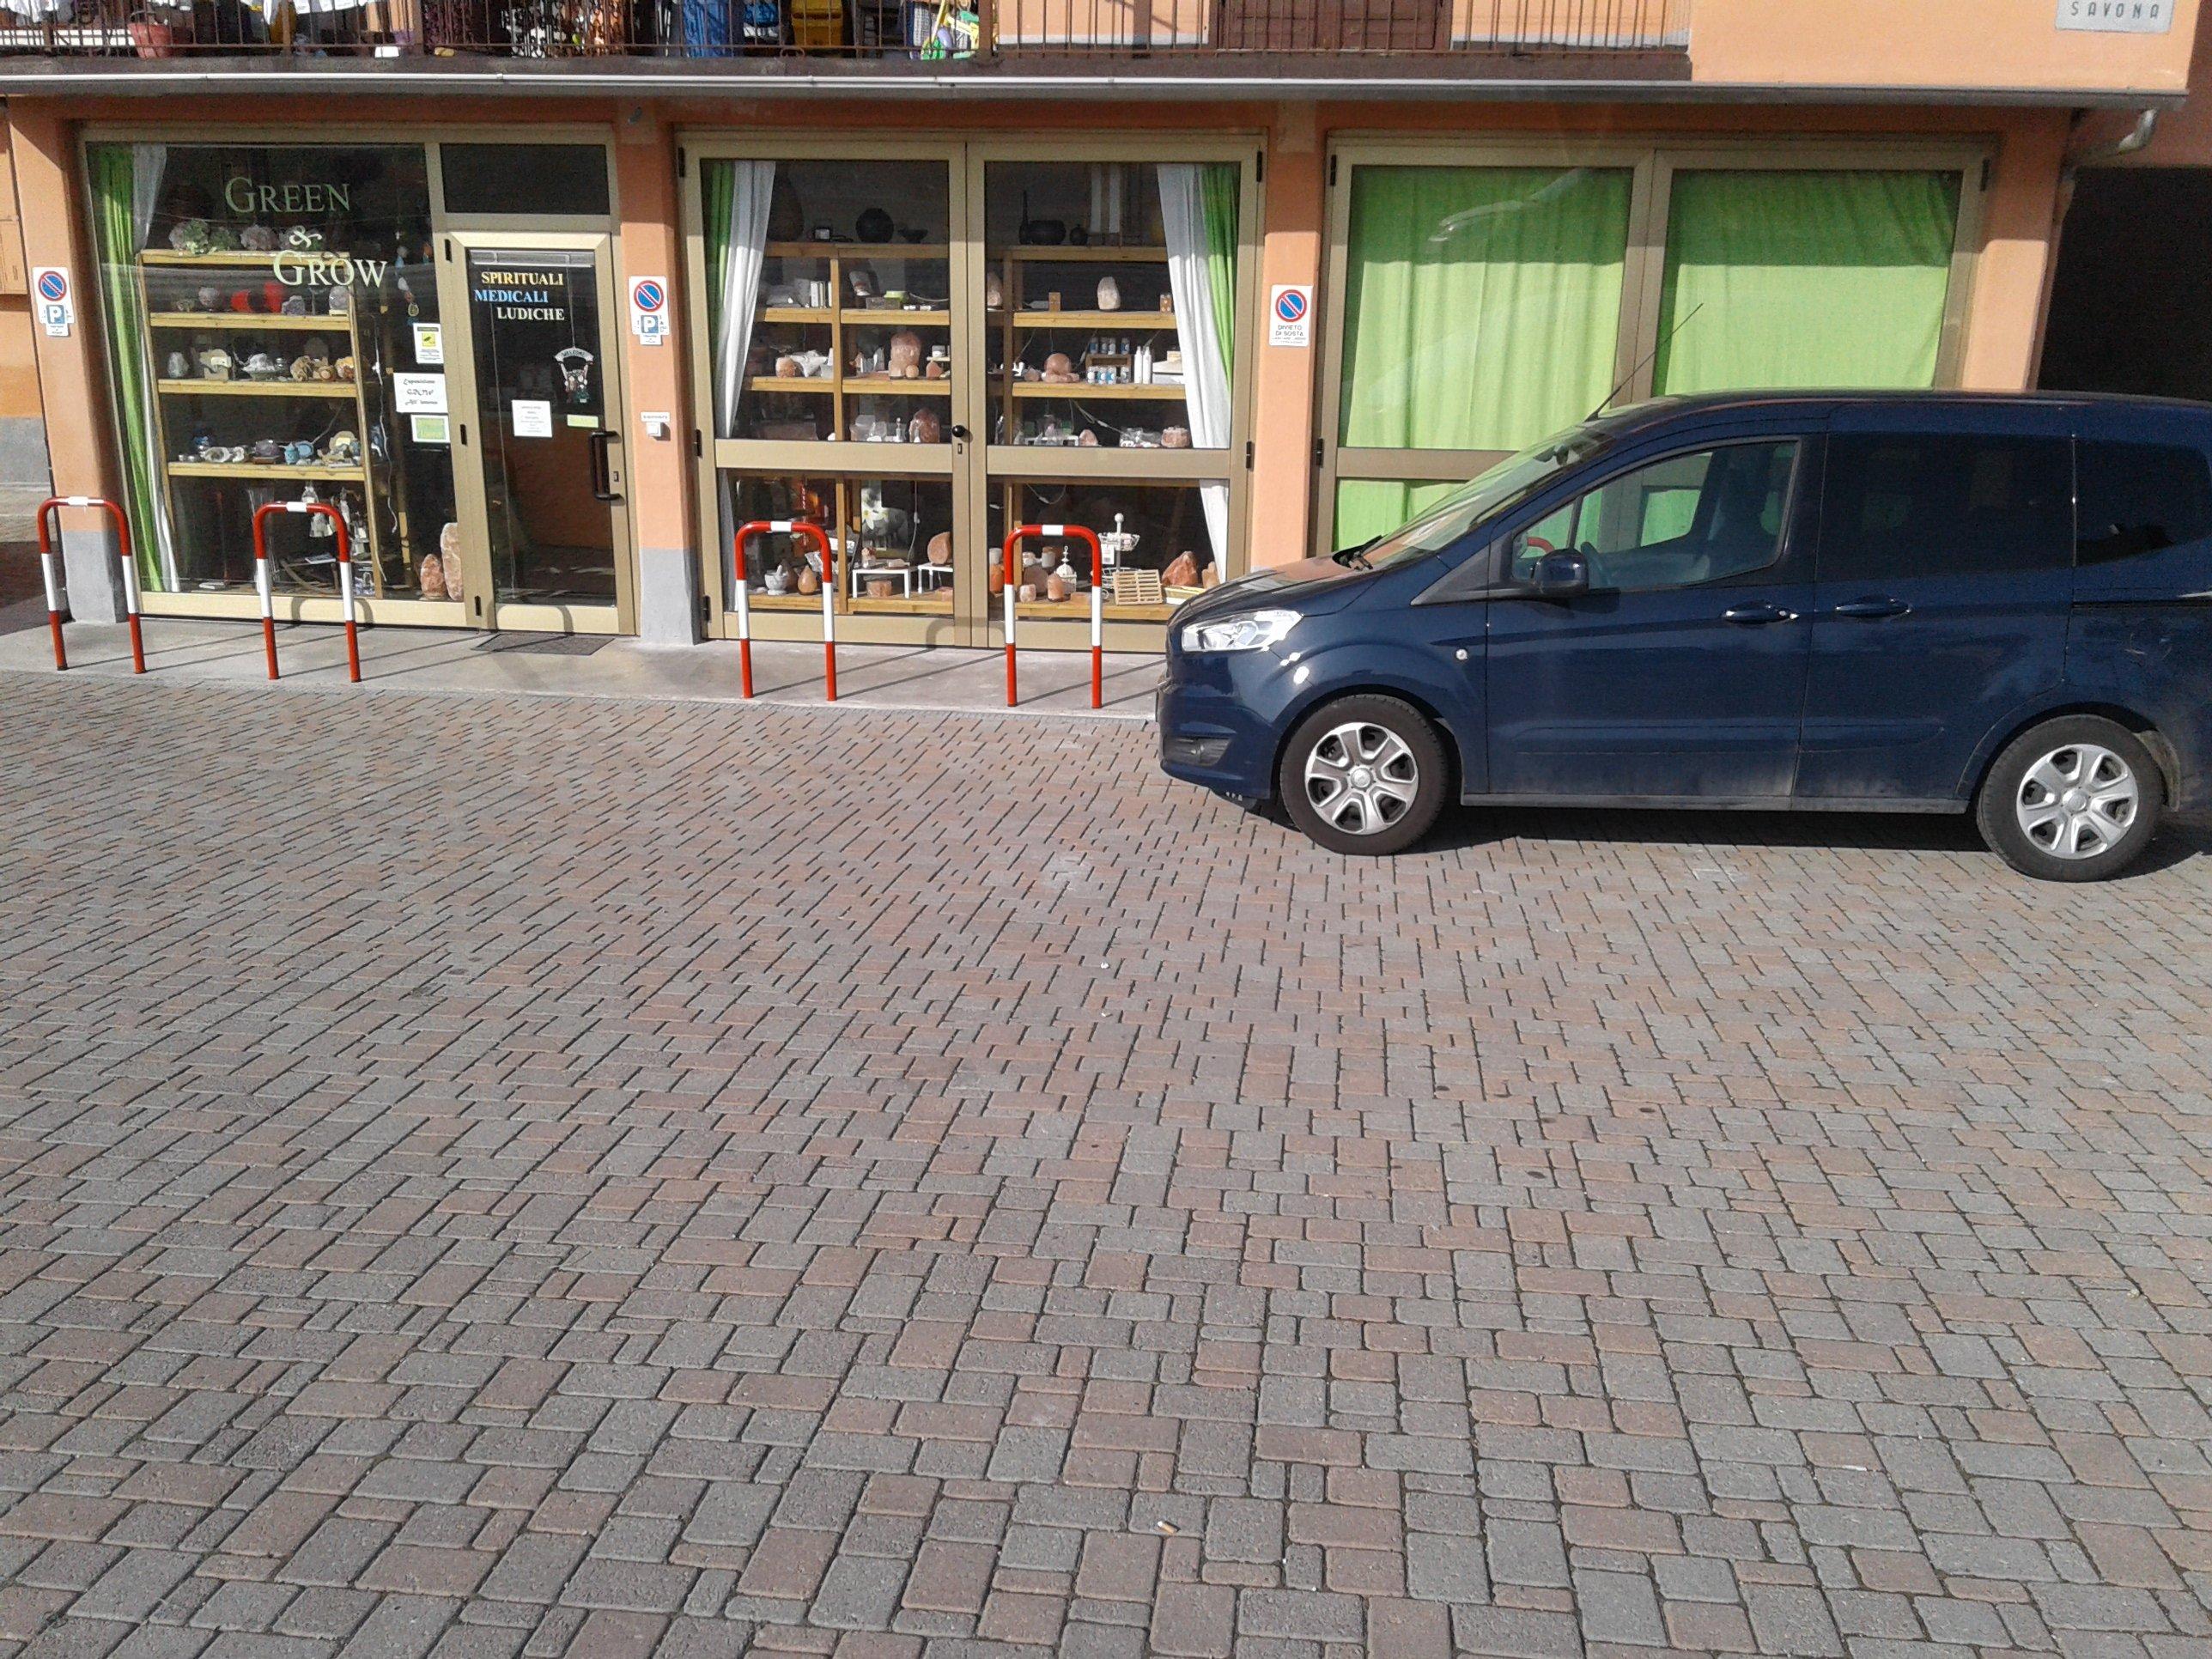 vista di una strada e una macchina parcheggiata fuori dal negozio Green & Grow